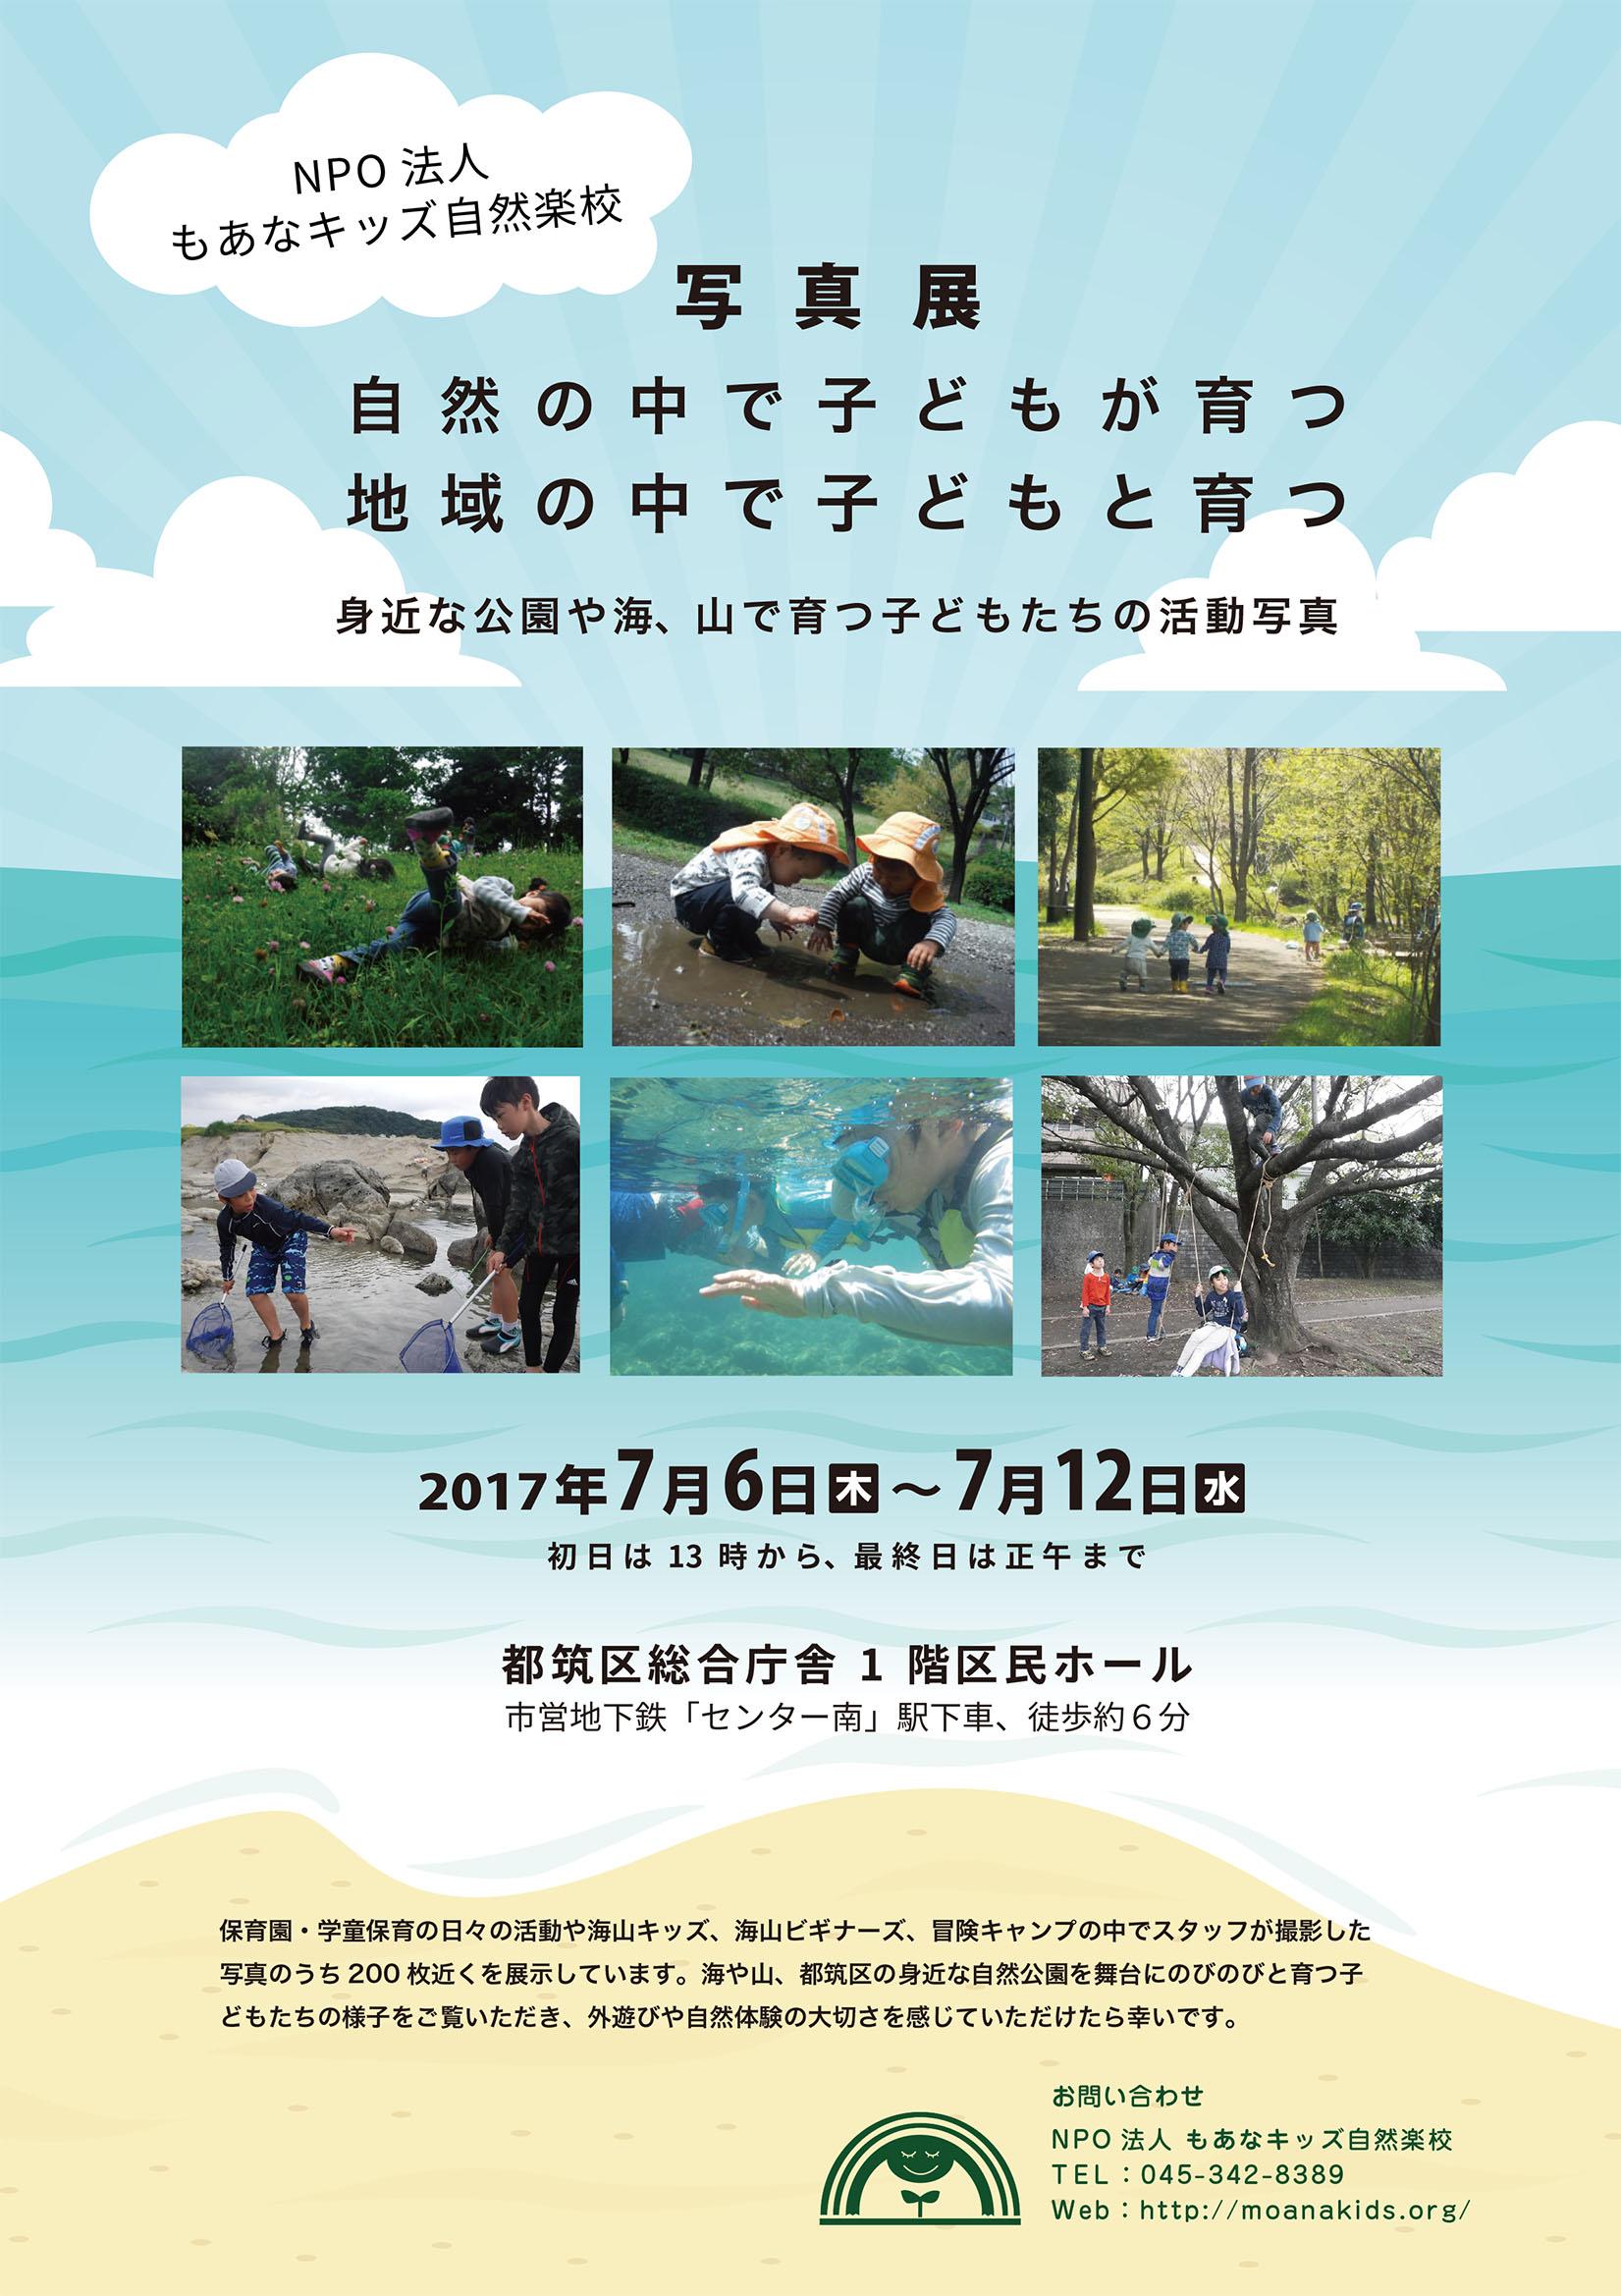 7/6(木)~7/12(水) もあなキッズ自然楽校活動写真展